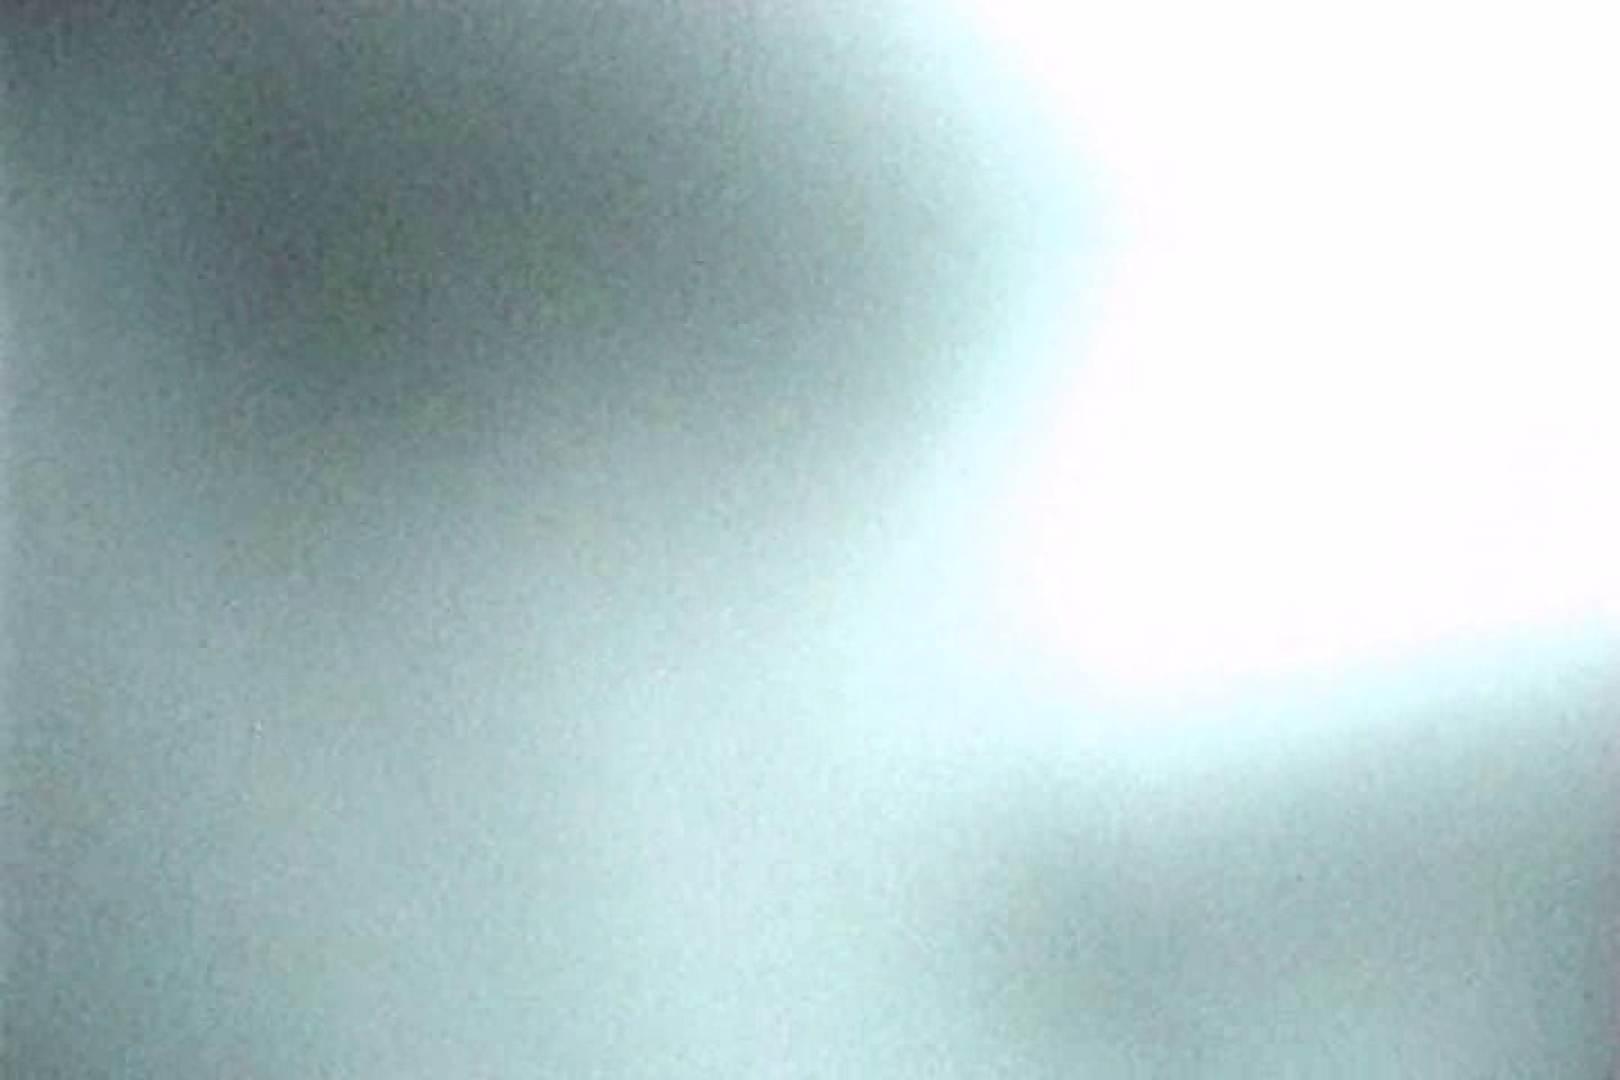 「充血監督」さんの深夜の運動会!! vol.132 パイパン   OL  73連発 5